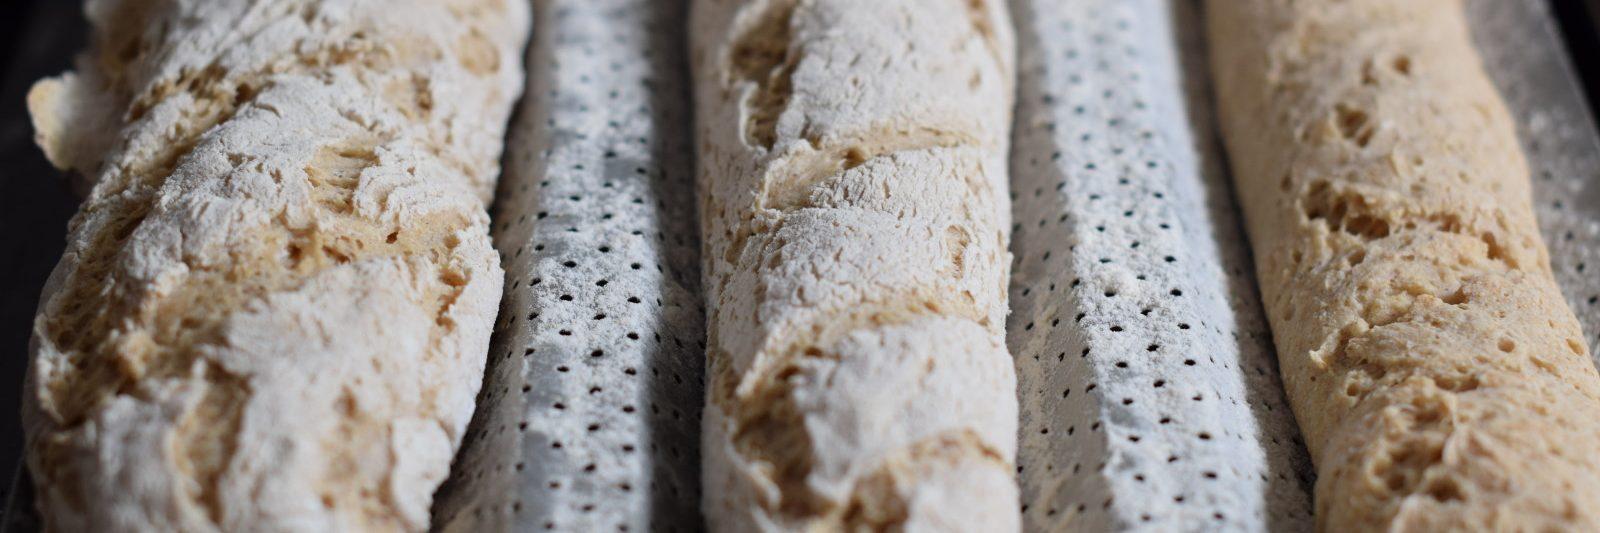 glutenvrij stokbrood met desem, drie gebakken stokbroden op een bakplaat met gaatjes